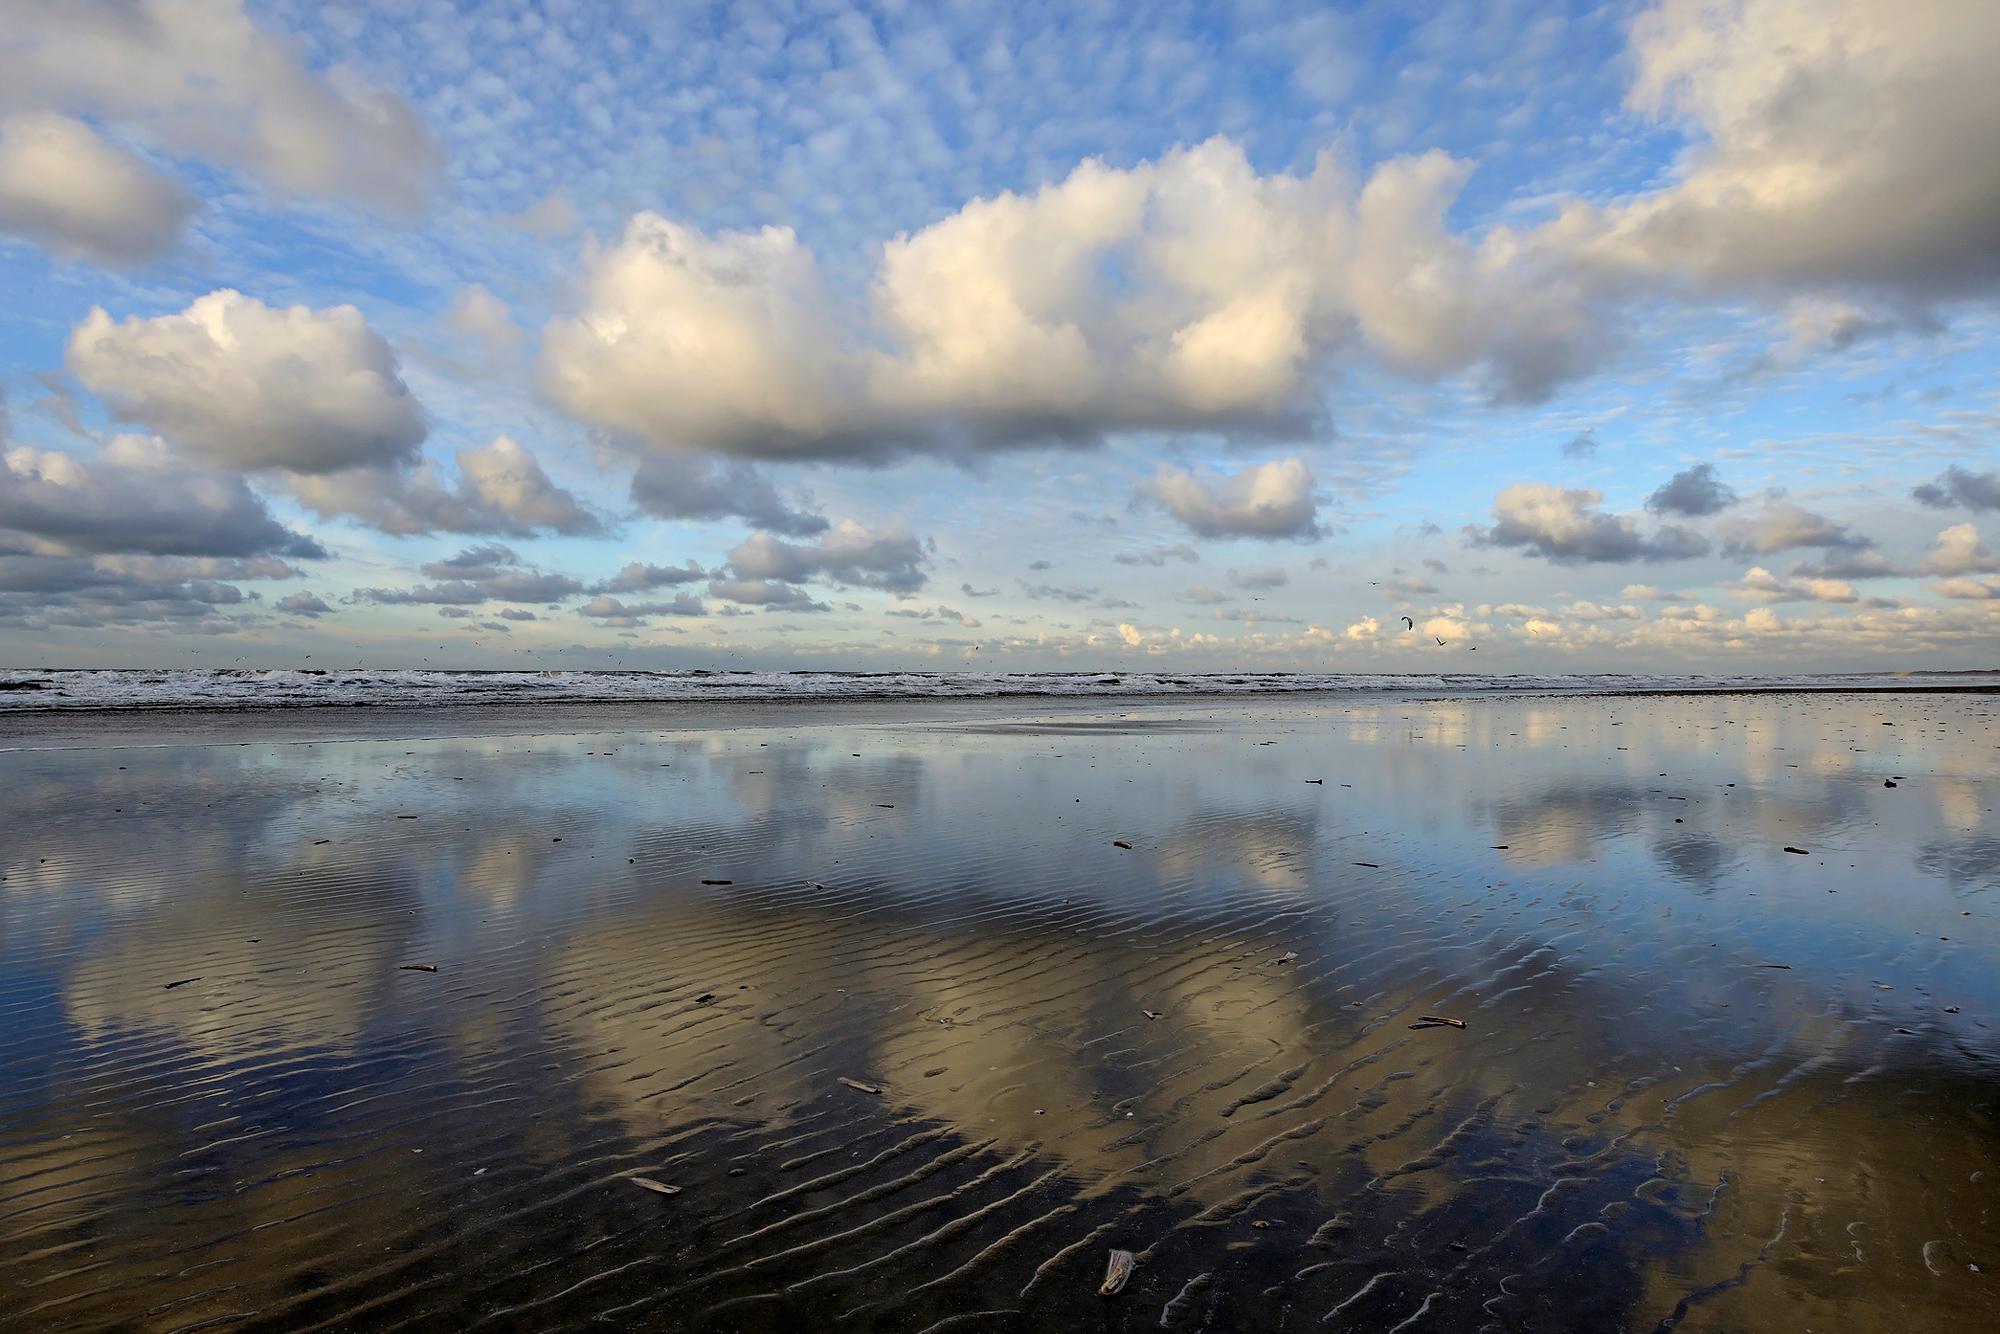 Weerspiegeling van rij wolken in ondiep zeewater langs de vloedlijn op het strand van Wijk aan Zee